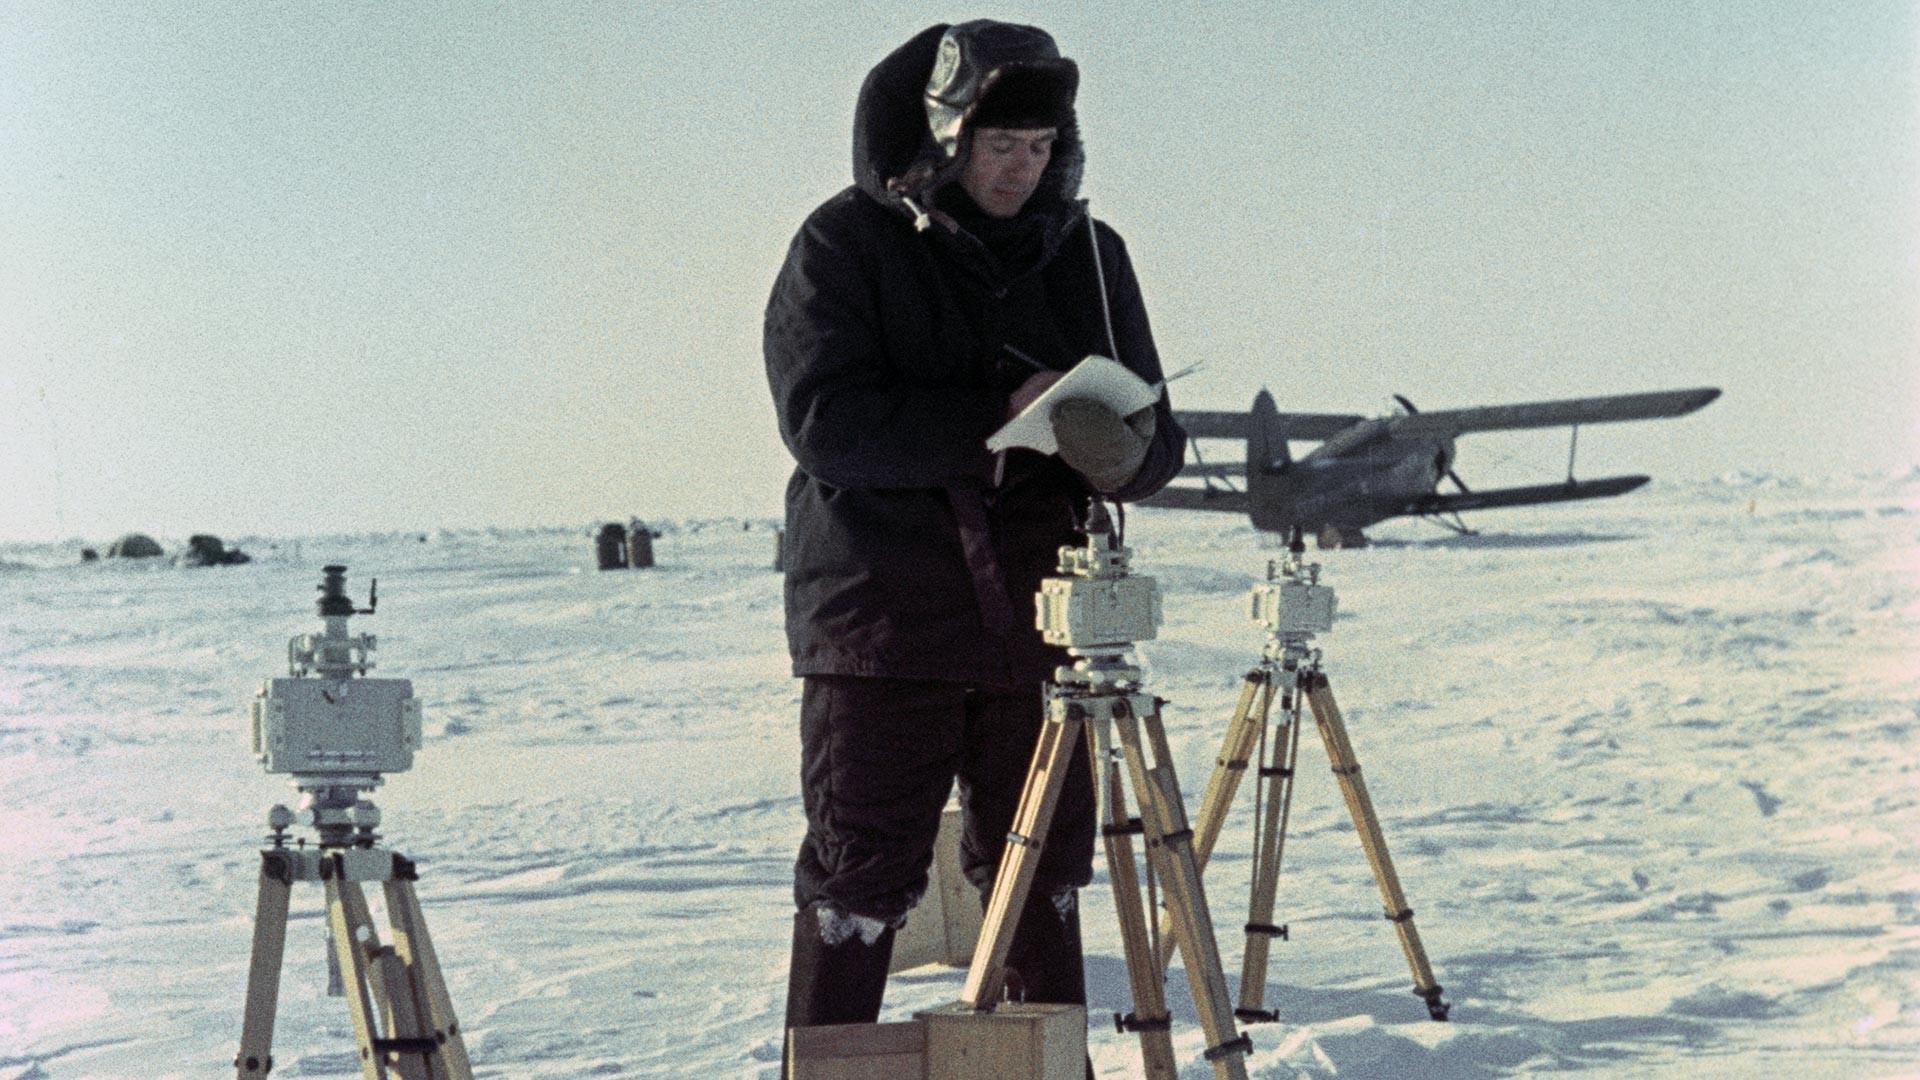 Soviet polar explorer at North Pole-8 station.